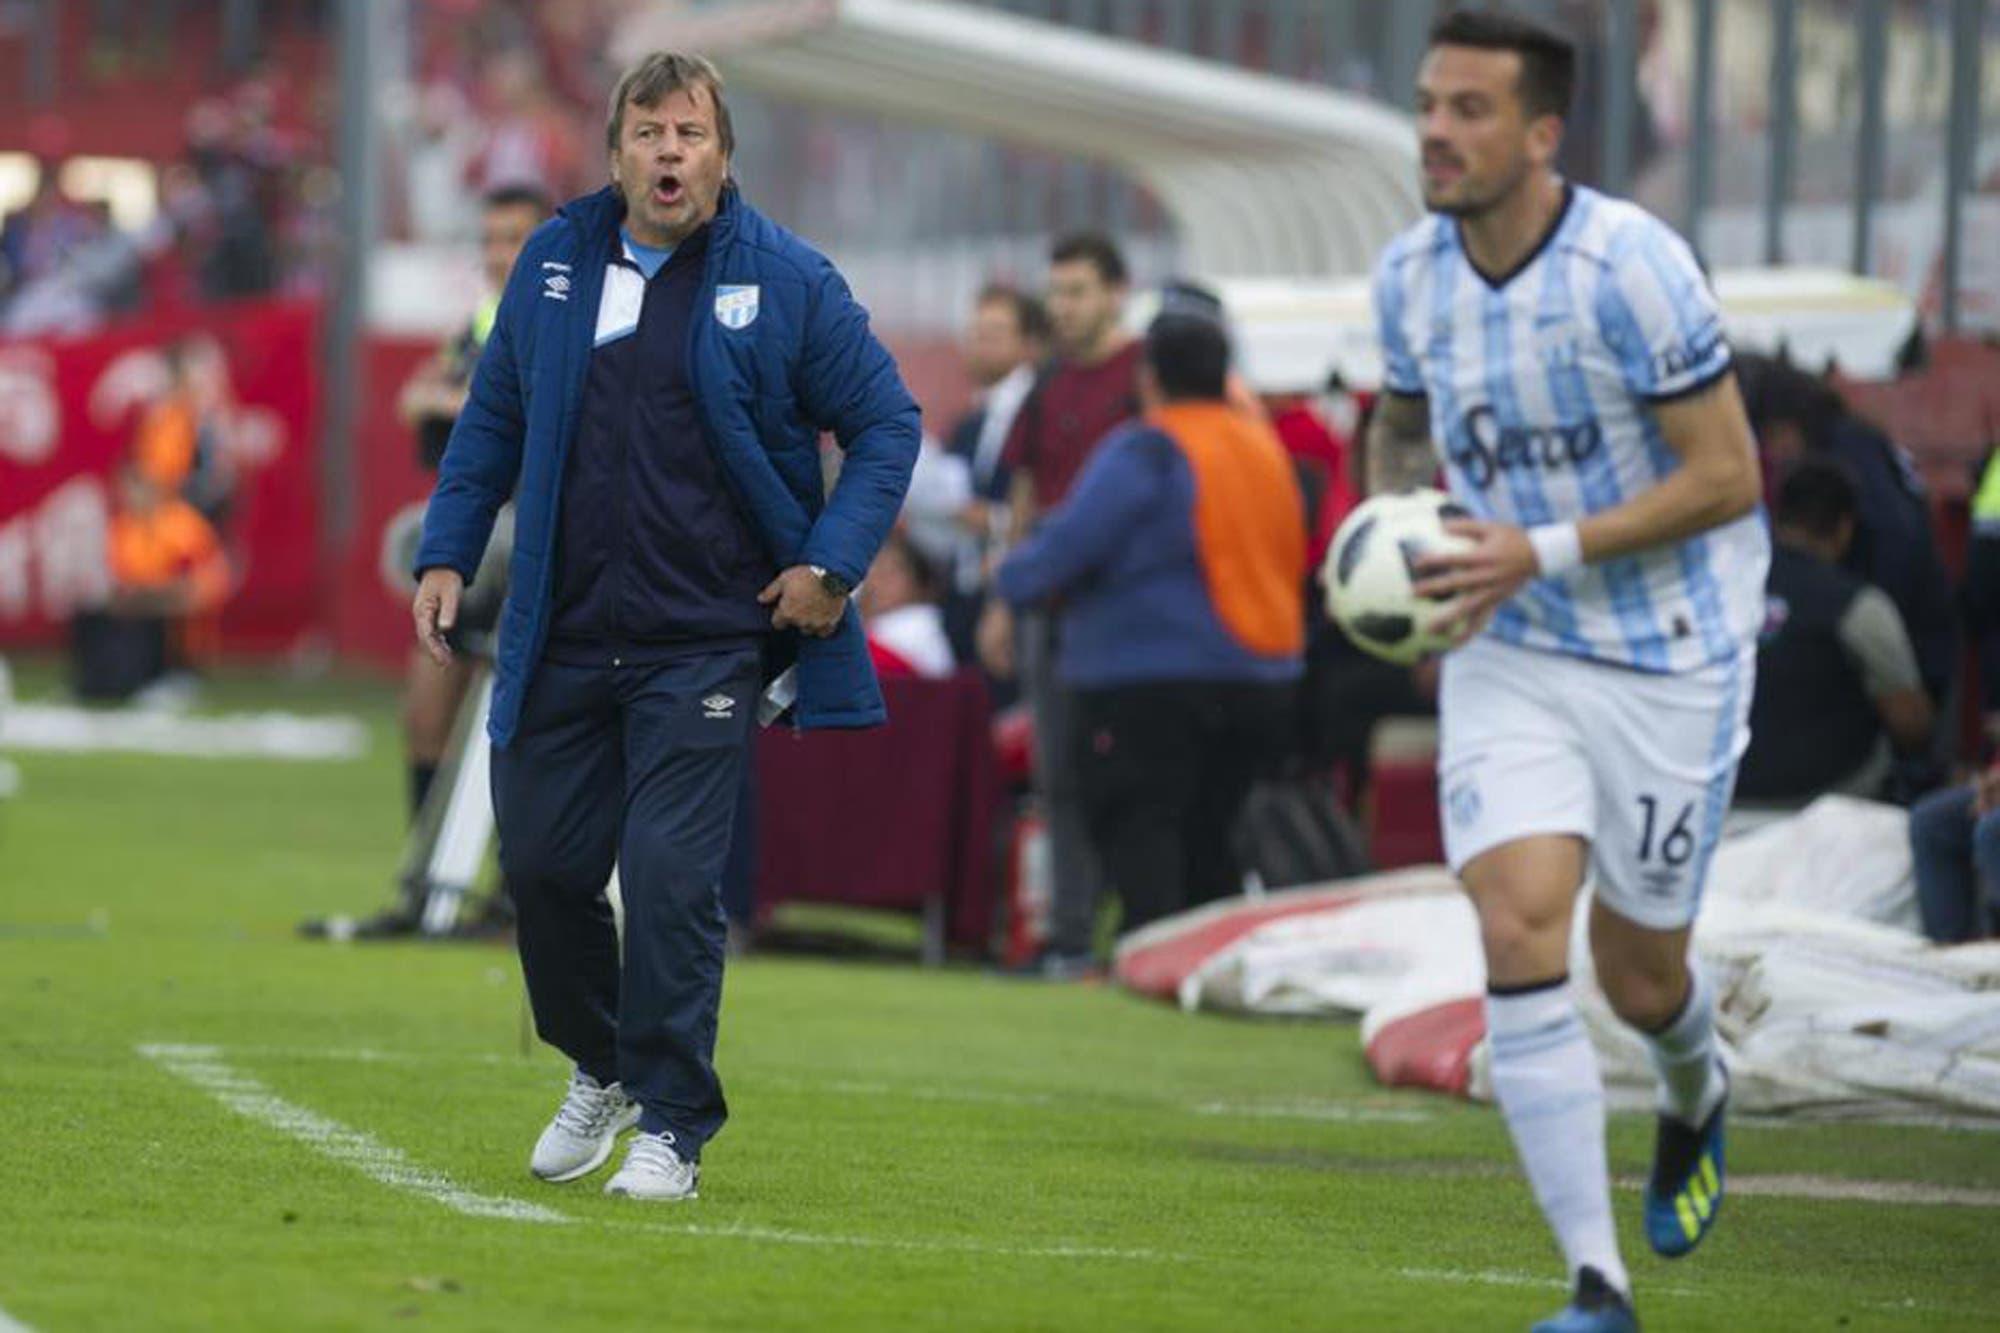 Atlético Tucumán-Tigre, Superliga: los tucumanos quieren sumar su tercer éxito consecutivo